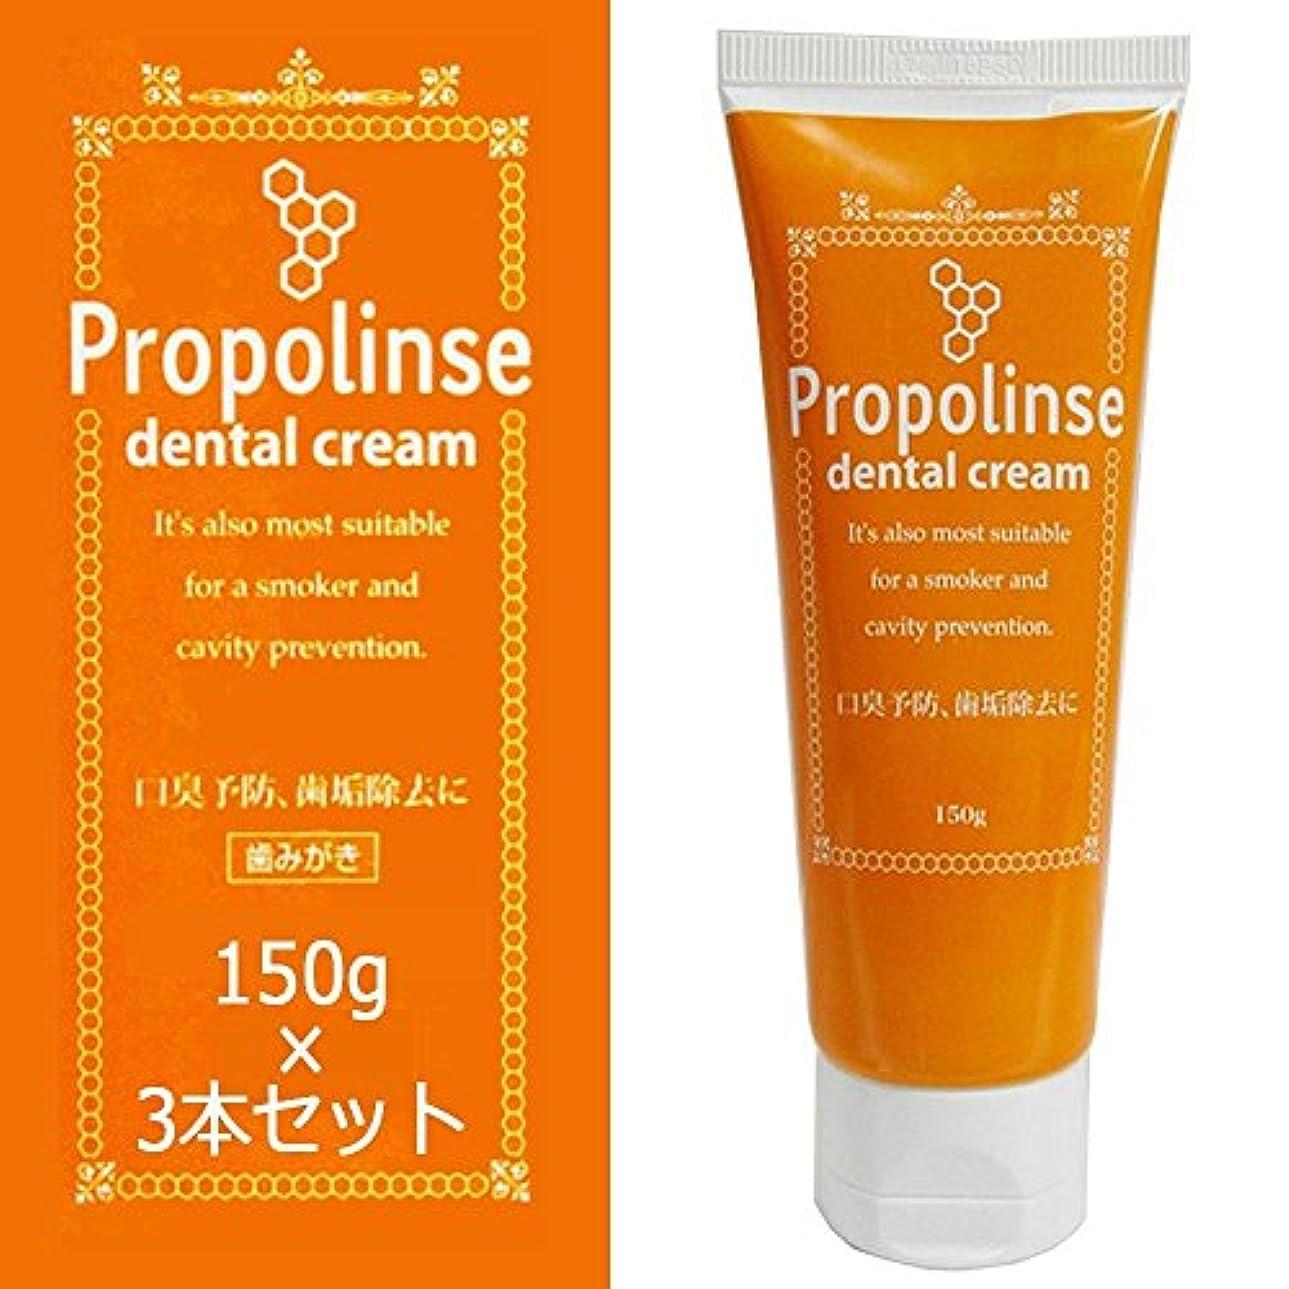 価値のない非アクティブ外観プロポリンス デンタルクリーム(歯みがき) 150g×3個セット